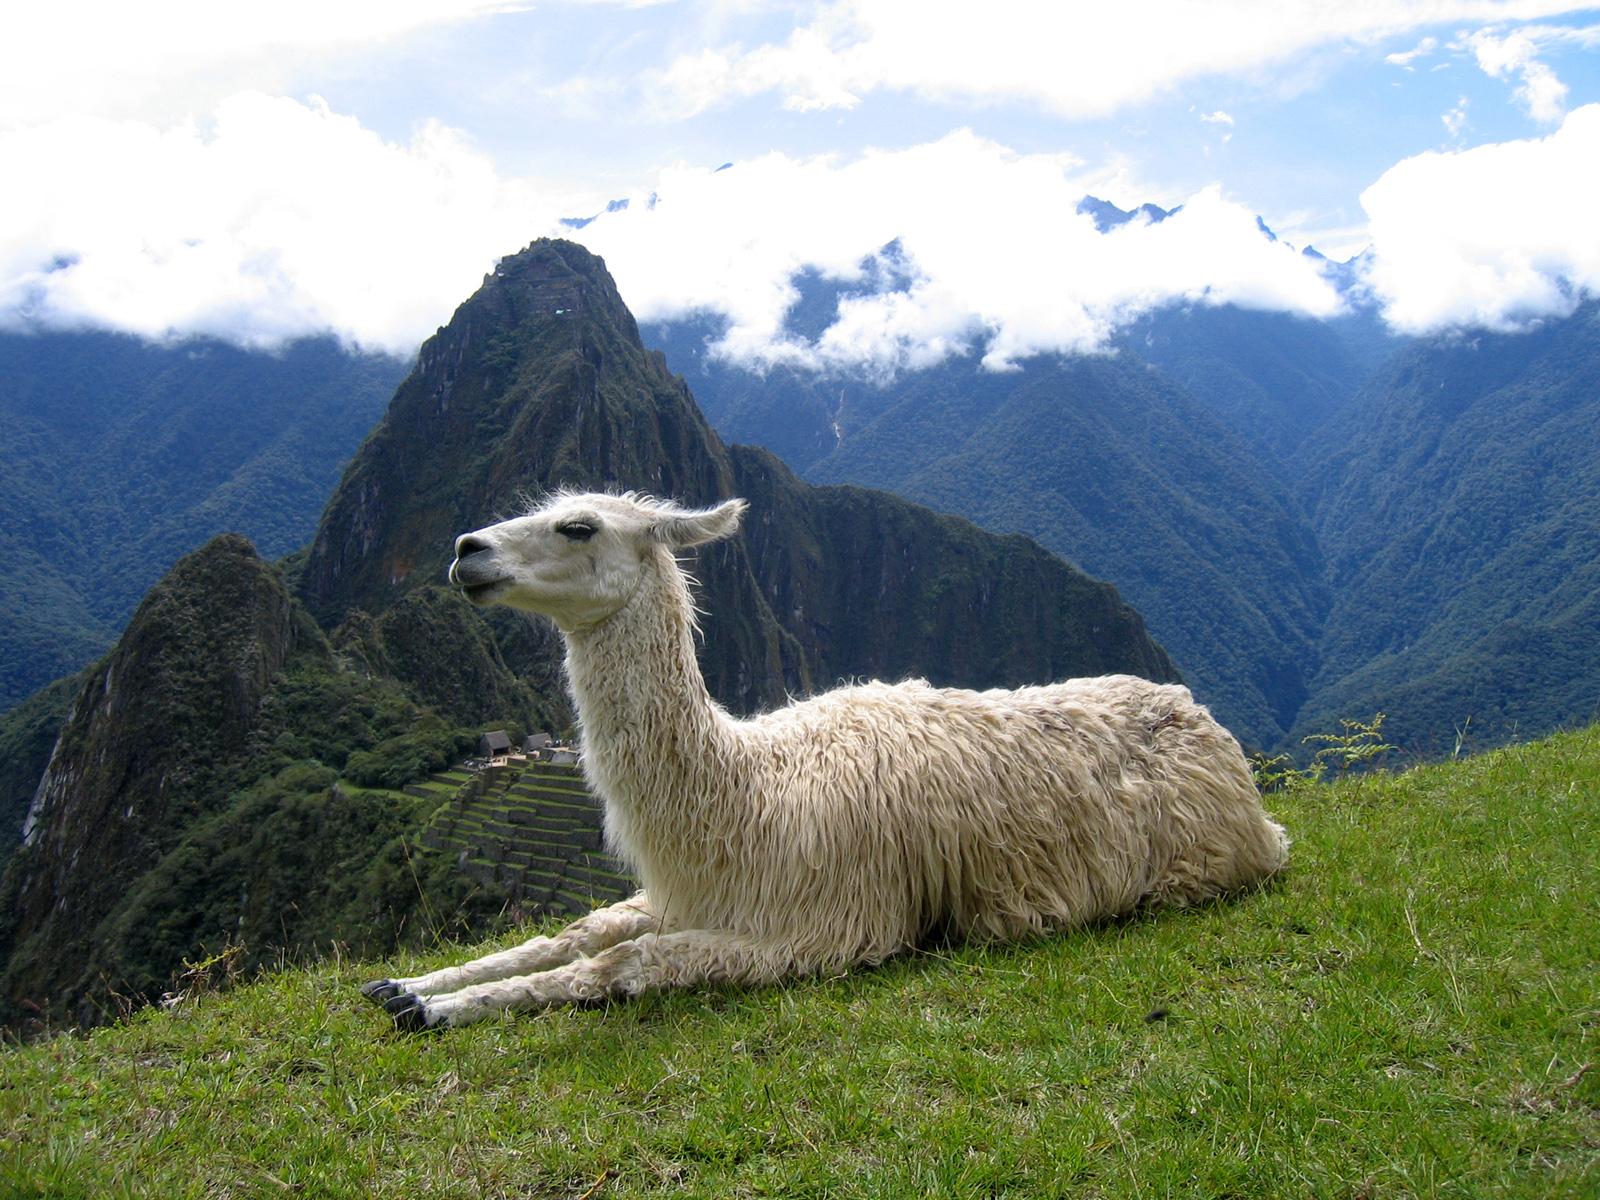 Llama Wallpaper Because Llamas Are Awesome